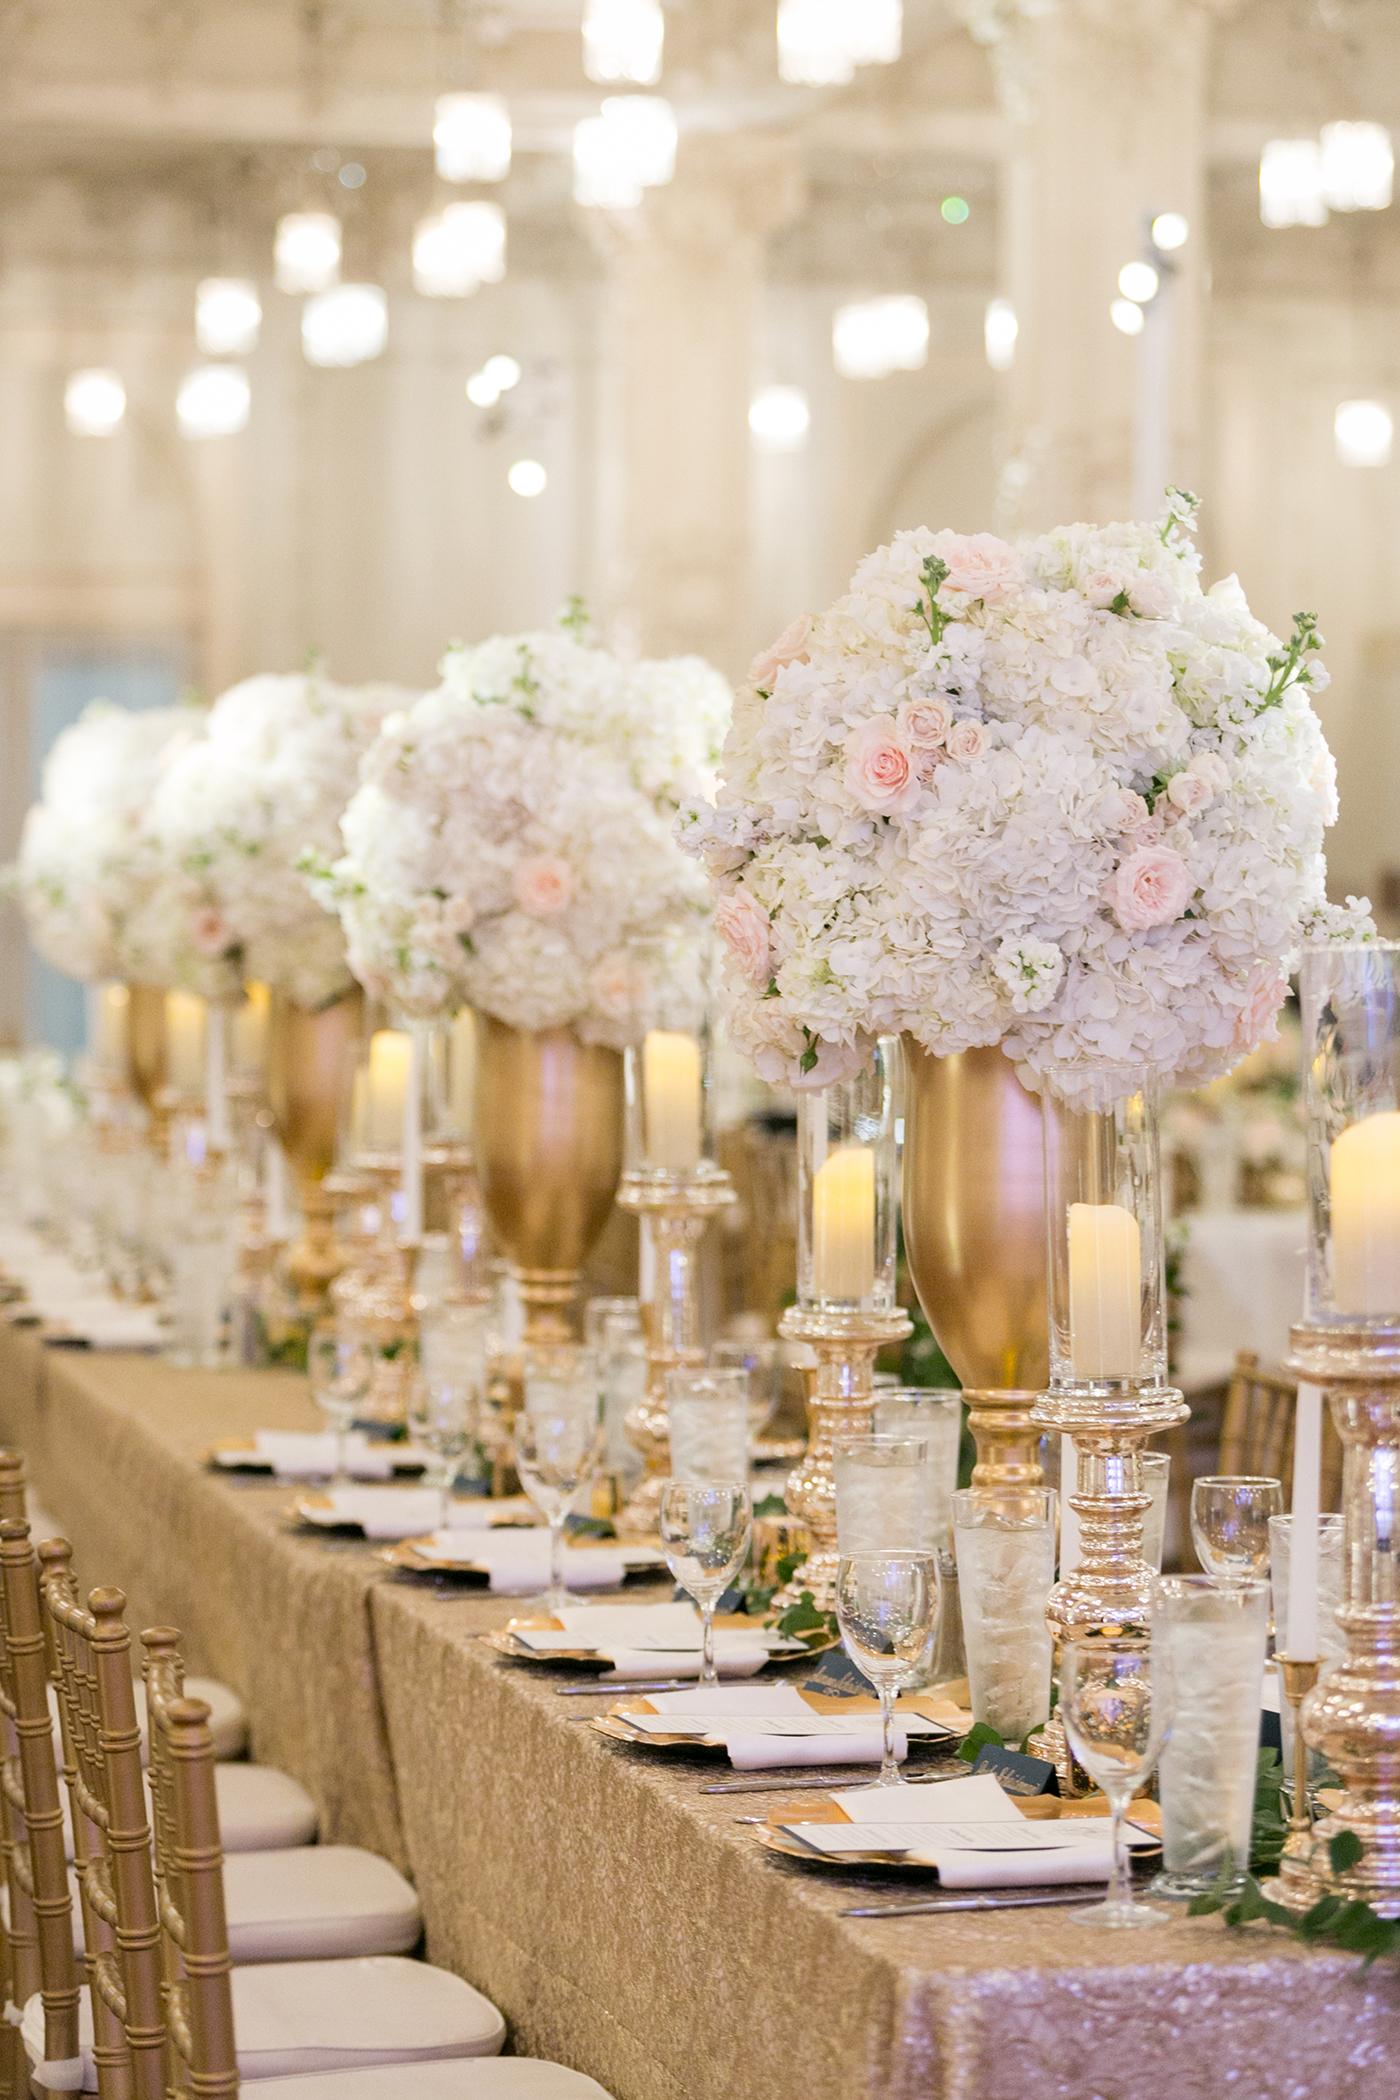 Dallas Wedding Planner - Allday Events - Classic Wedding at Dallas Scottish Rite - 138.jpg